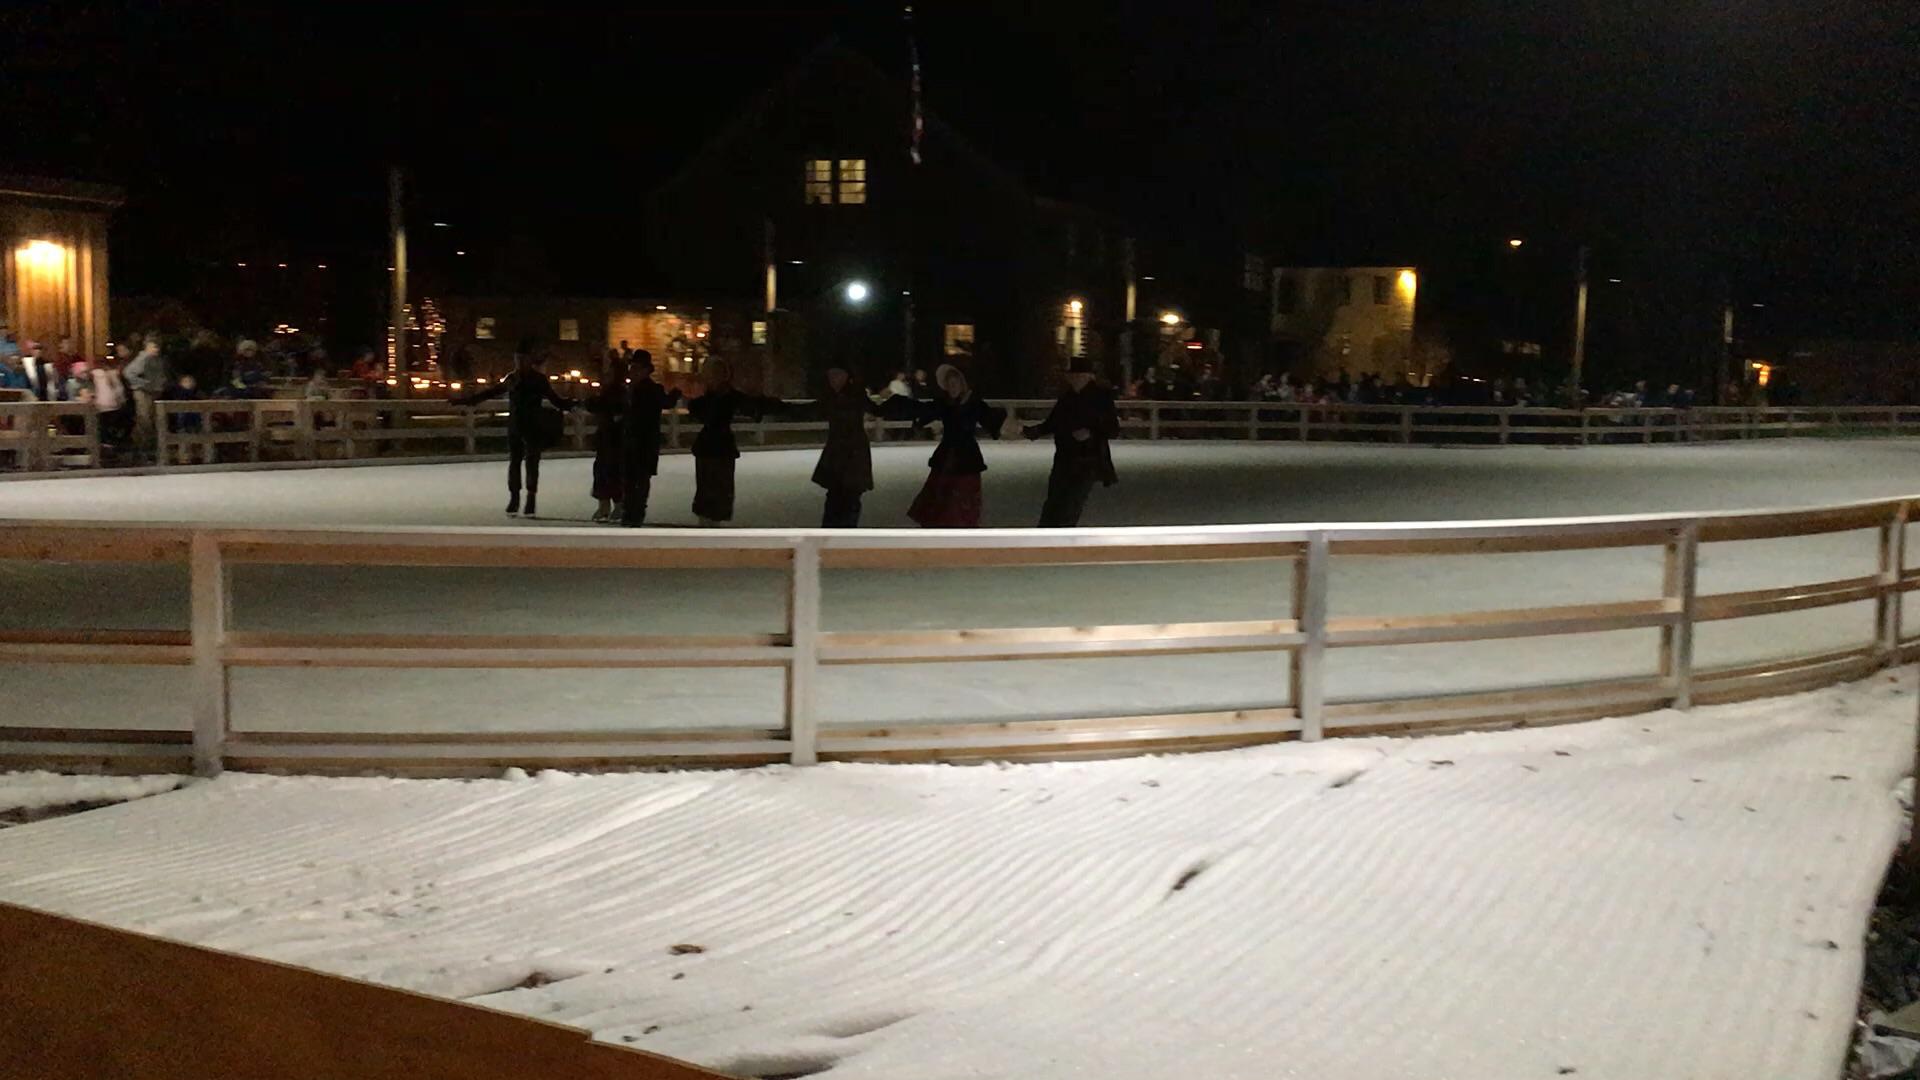 Skating at the Banke